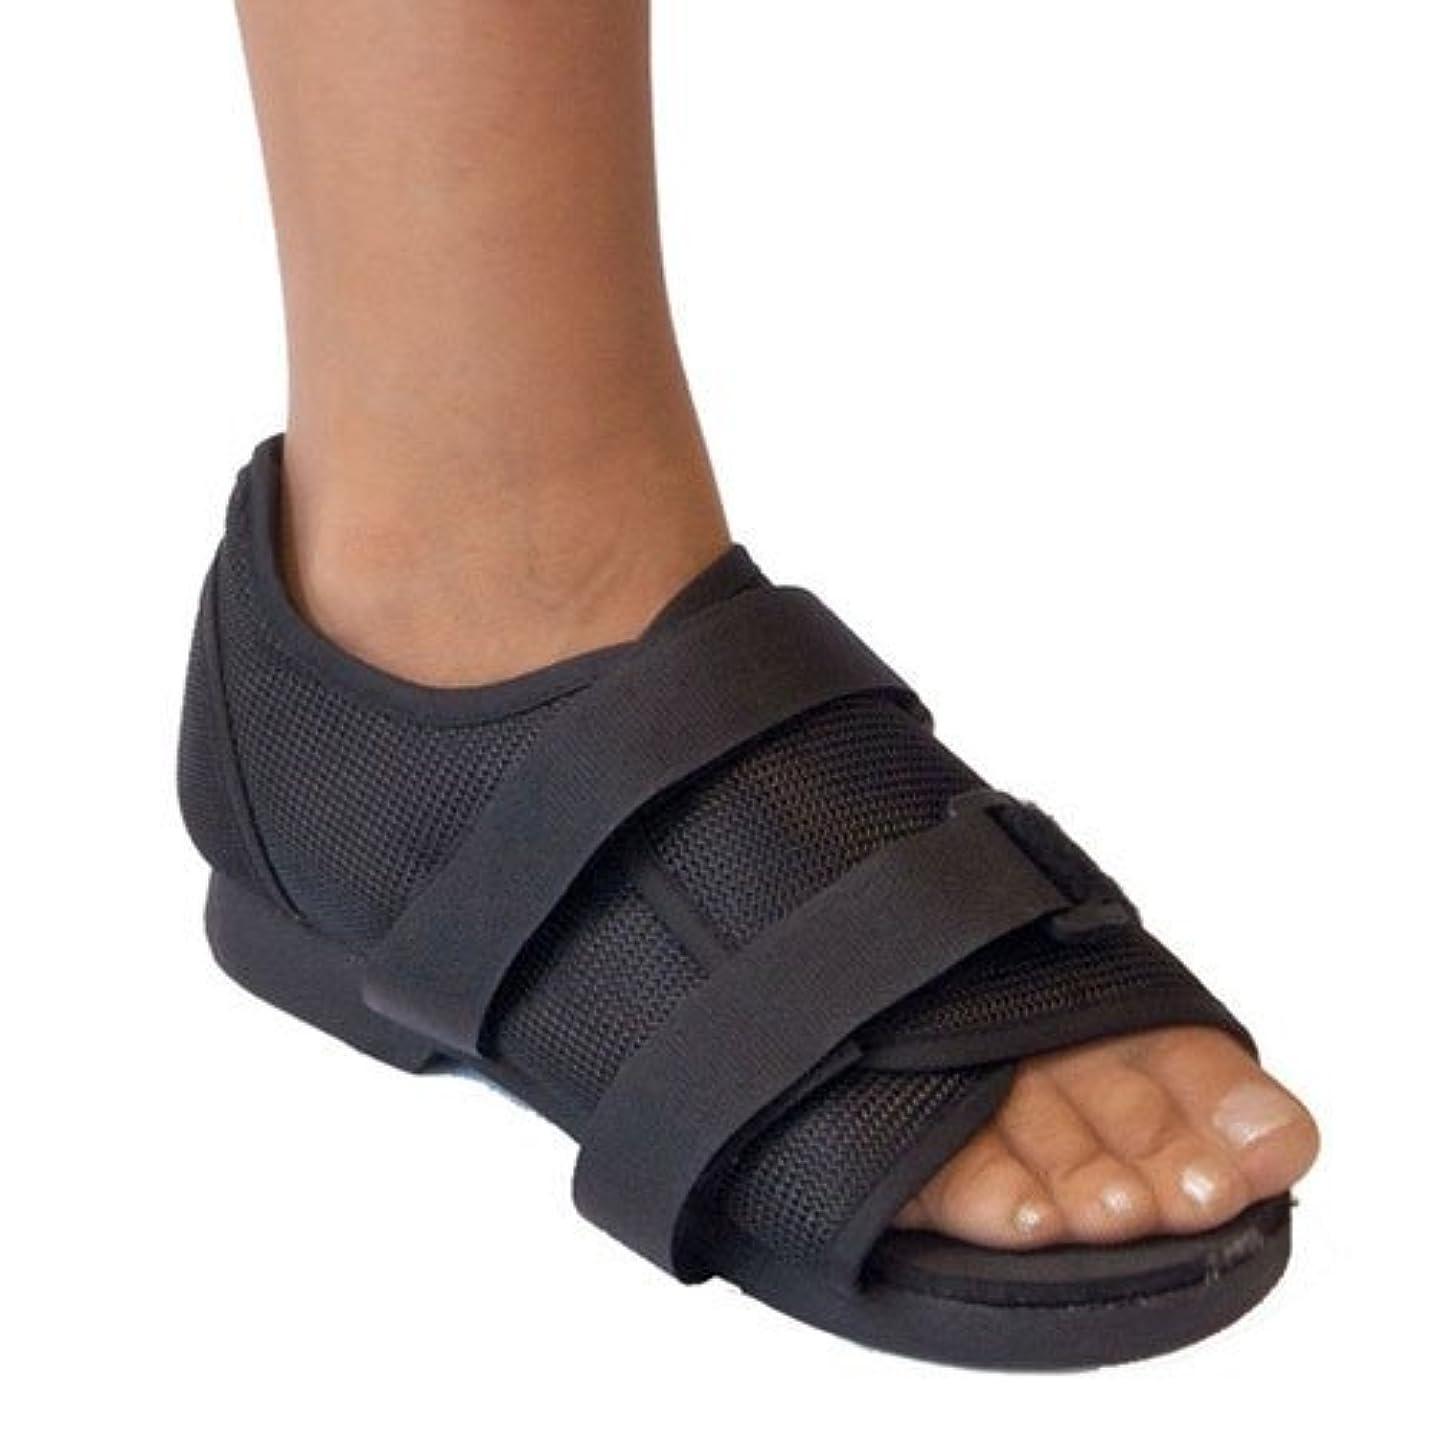 快適関連付ける臭い術後靴、メディカルウォーキング、骨折した骨の耐久性のあるつま先整形外科サポートブレース。,M